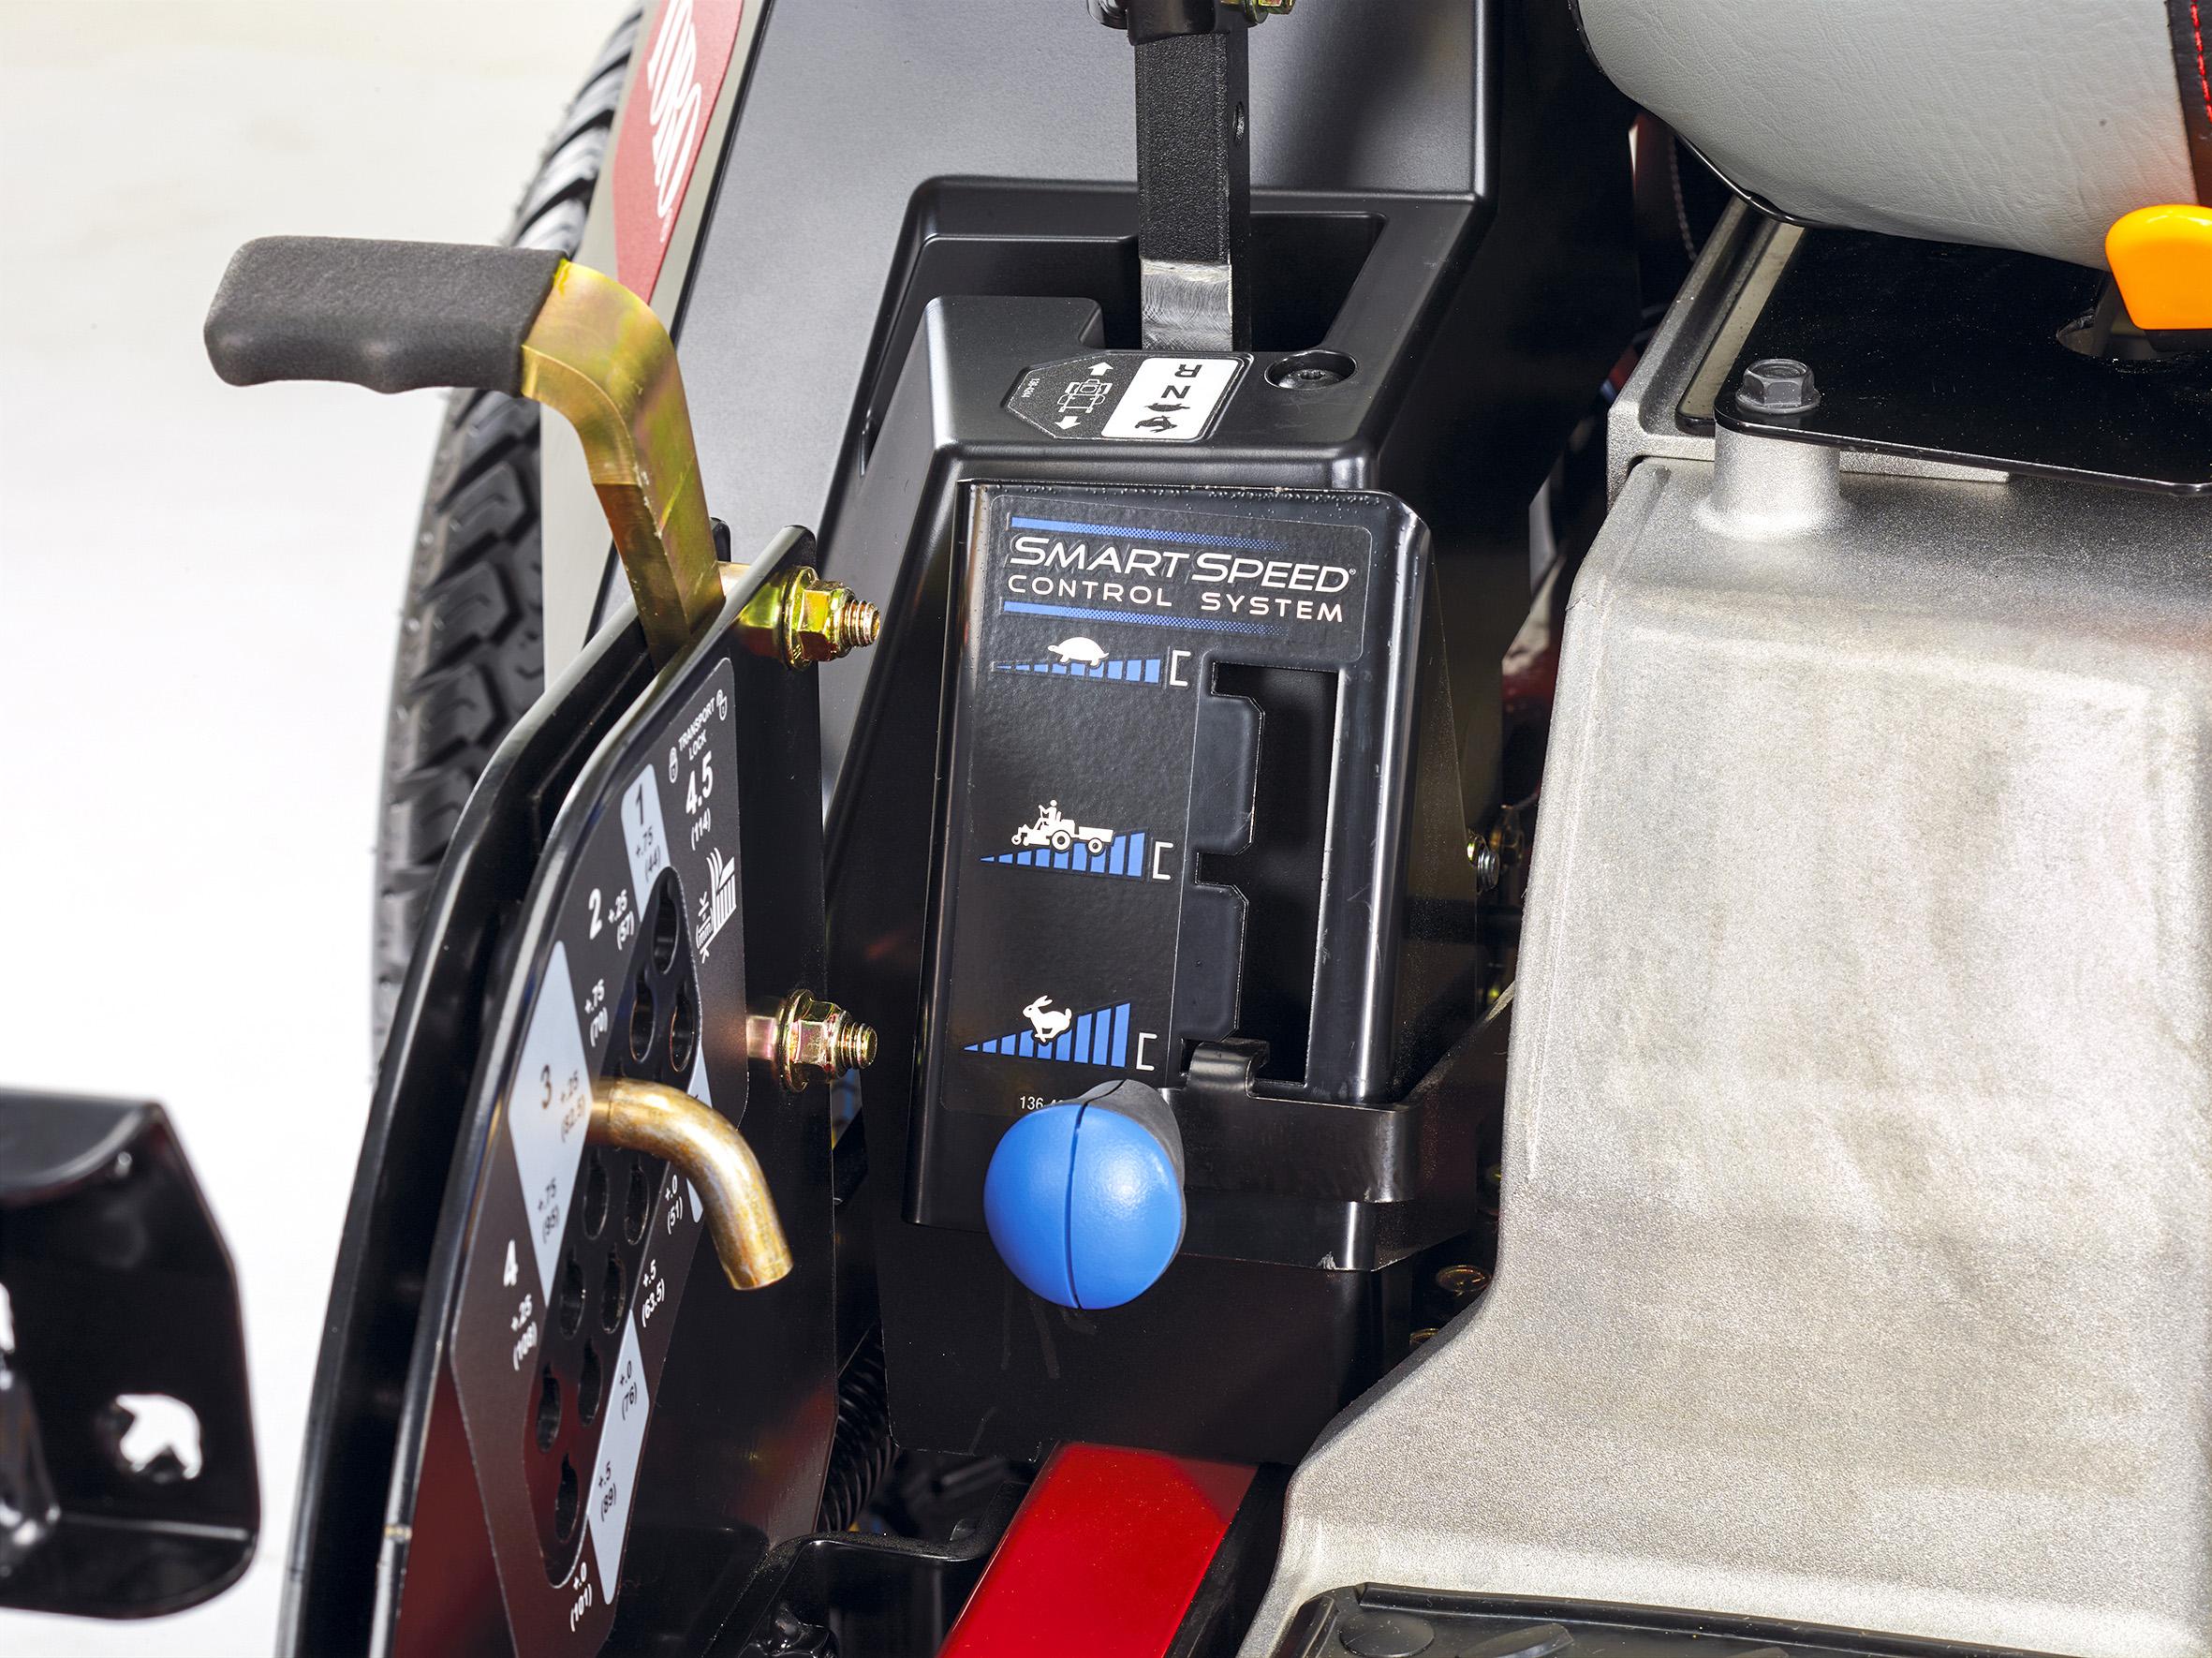 Je nach Aufgabe stehen drei Arbeitsgeschwindigkeiten zur Auswahl: Mähbetrieb für maximale Präzision (langsam), Mähbetrieb für maximale Mähgeschwindigkeit (schnell) und Zug-Betrieb für Anbaugeräte.